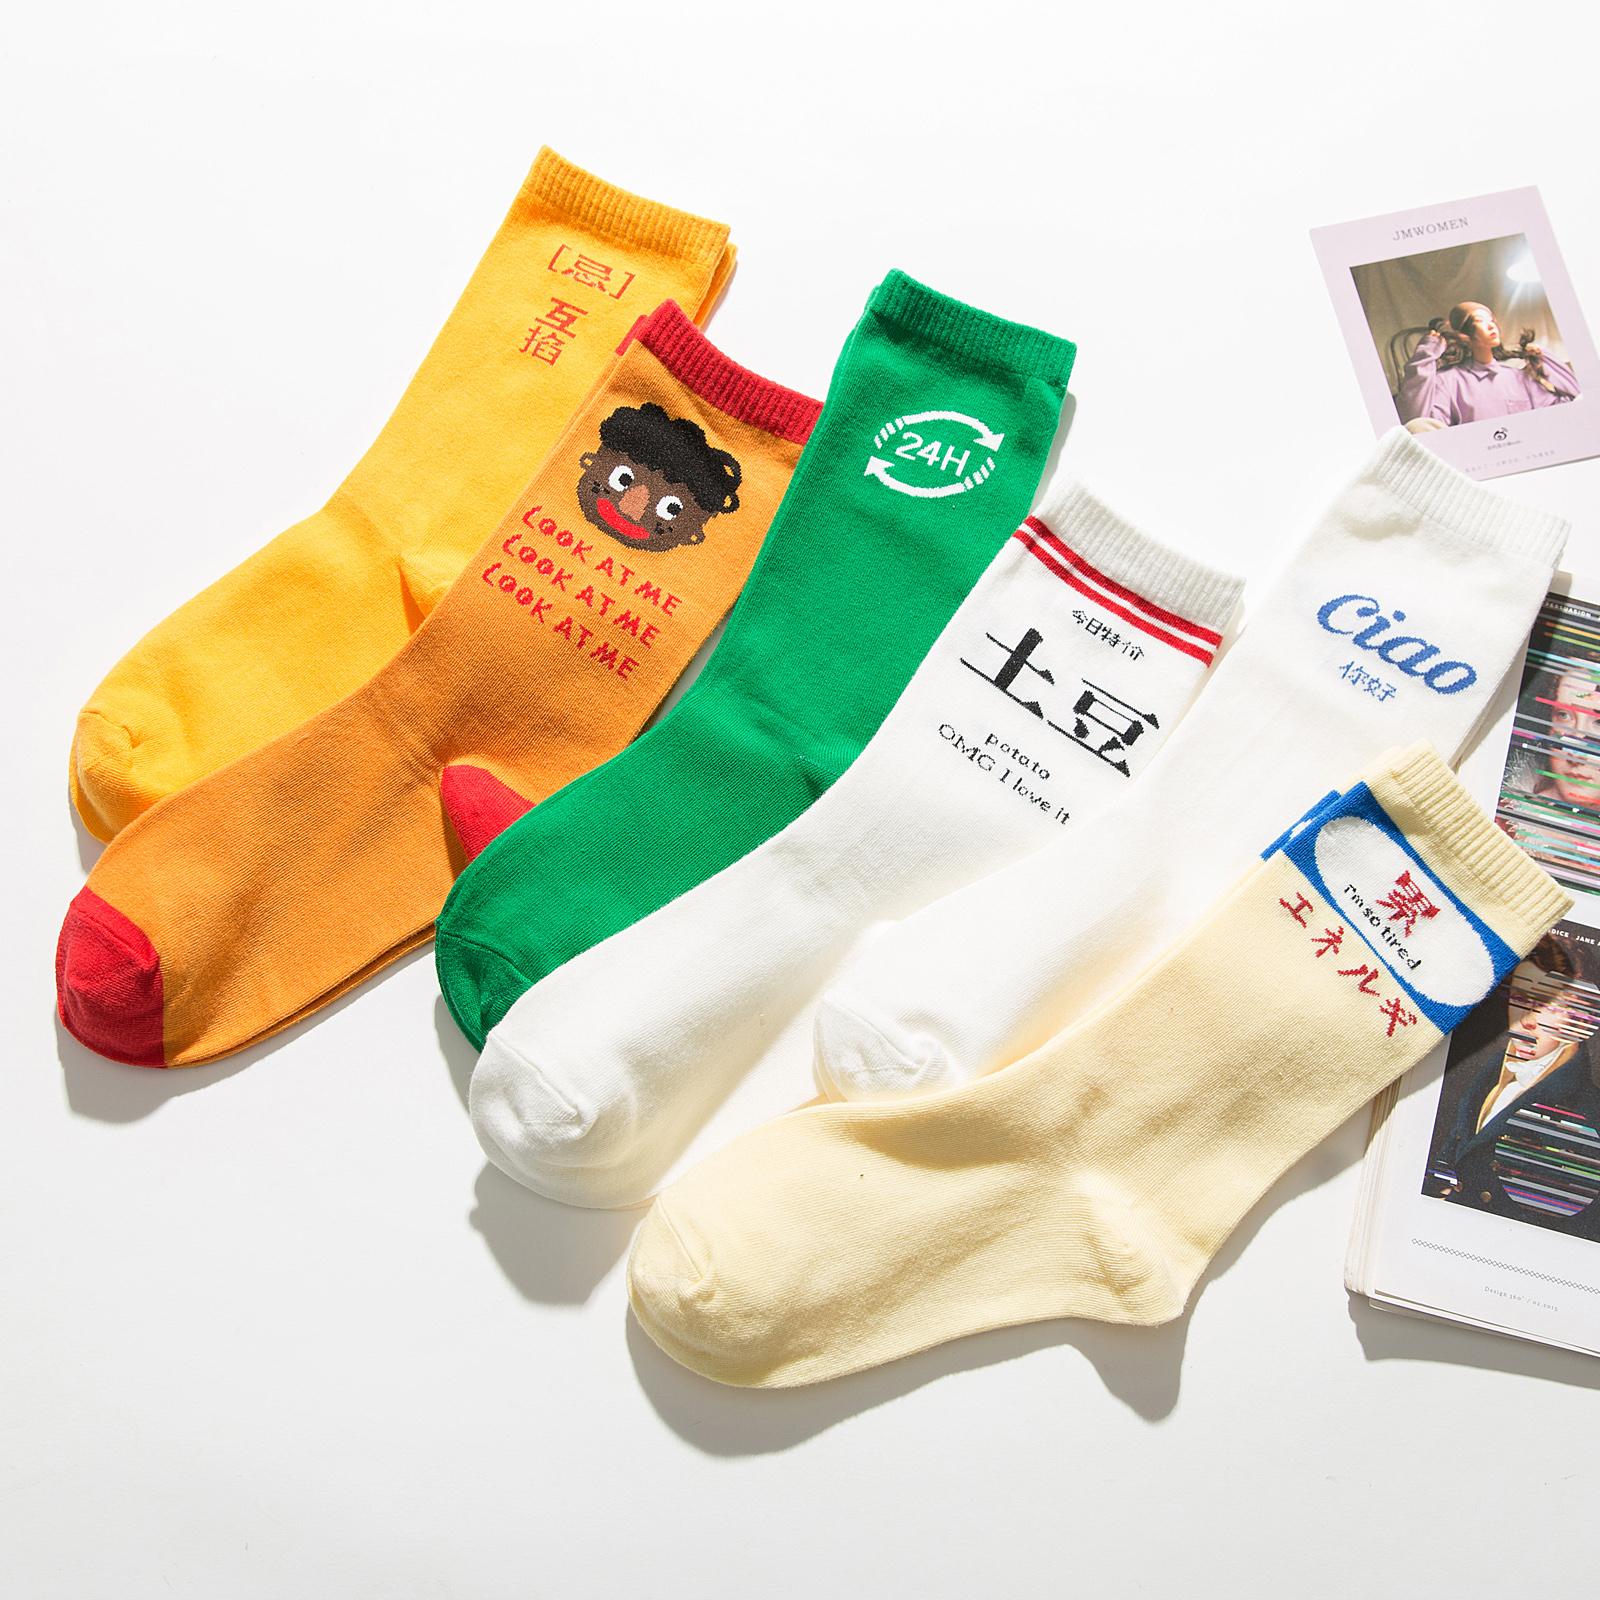 袜子女中筒袜ins潮百搭夏季薄款纯棉男长袜街头个性搞怪卡通嘻哈